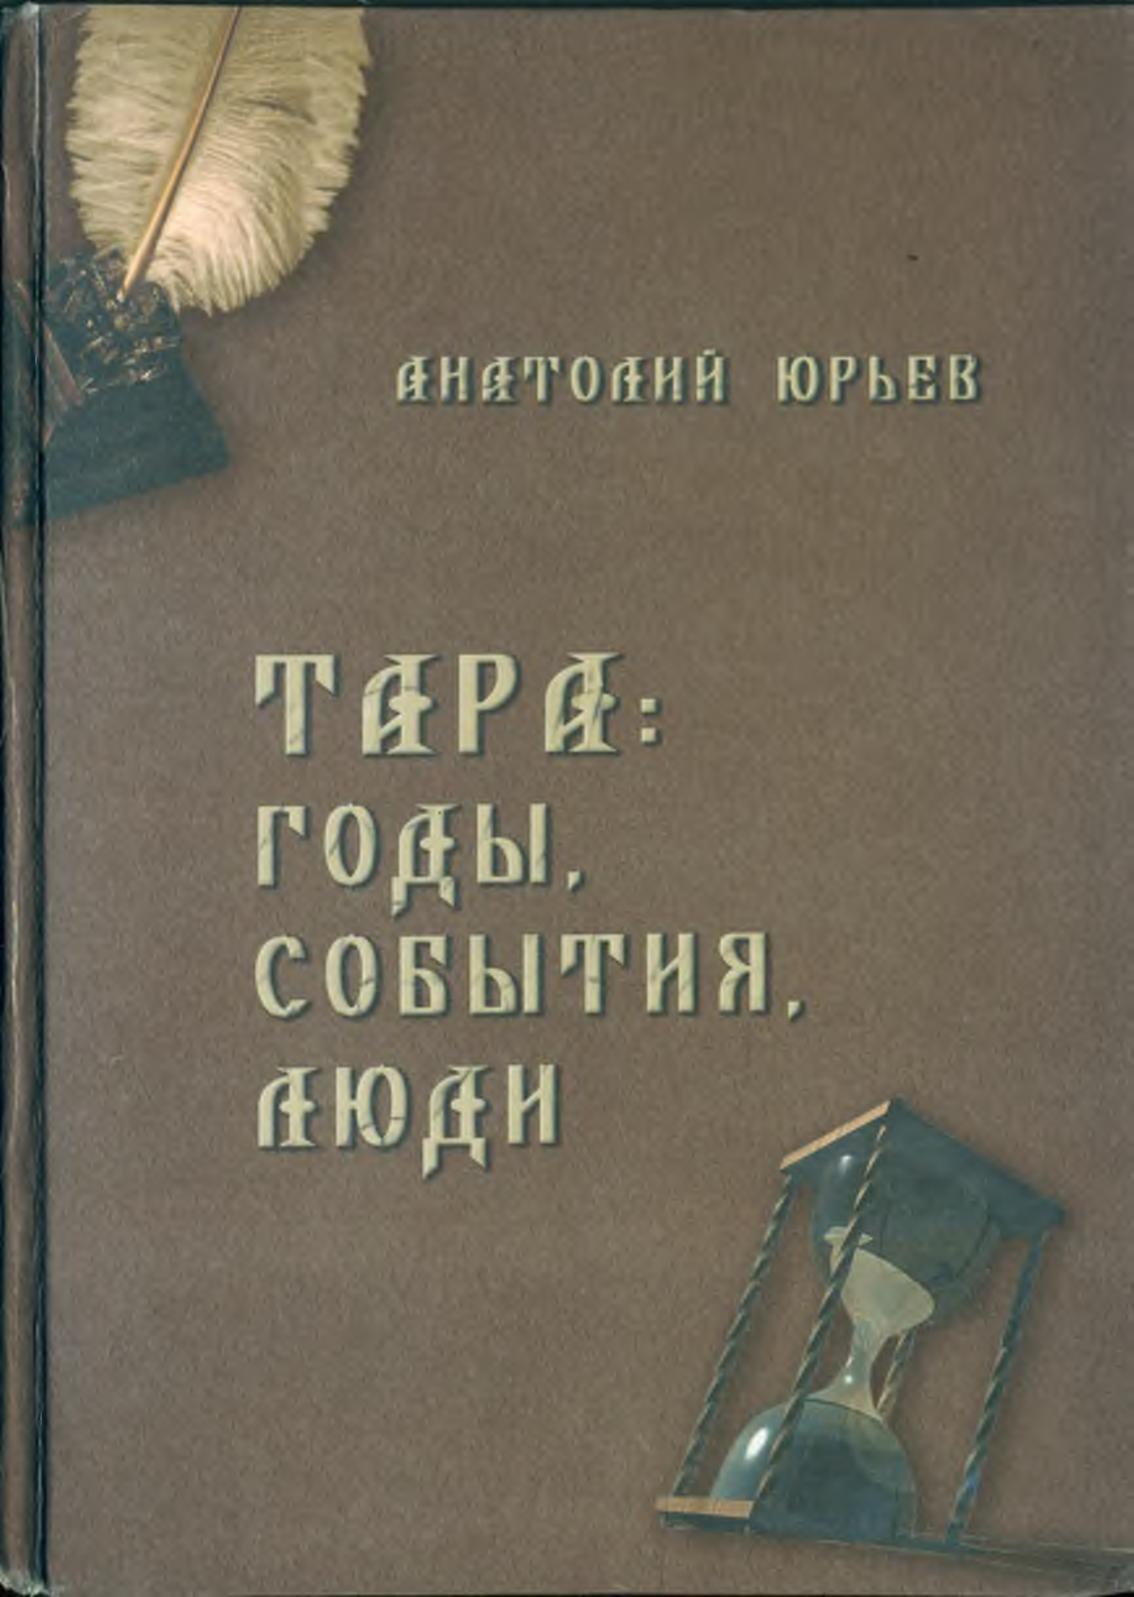 Юрьев А.И. Тара: годы, события, люди